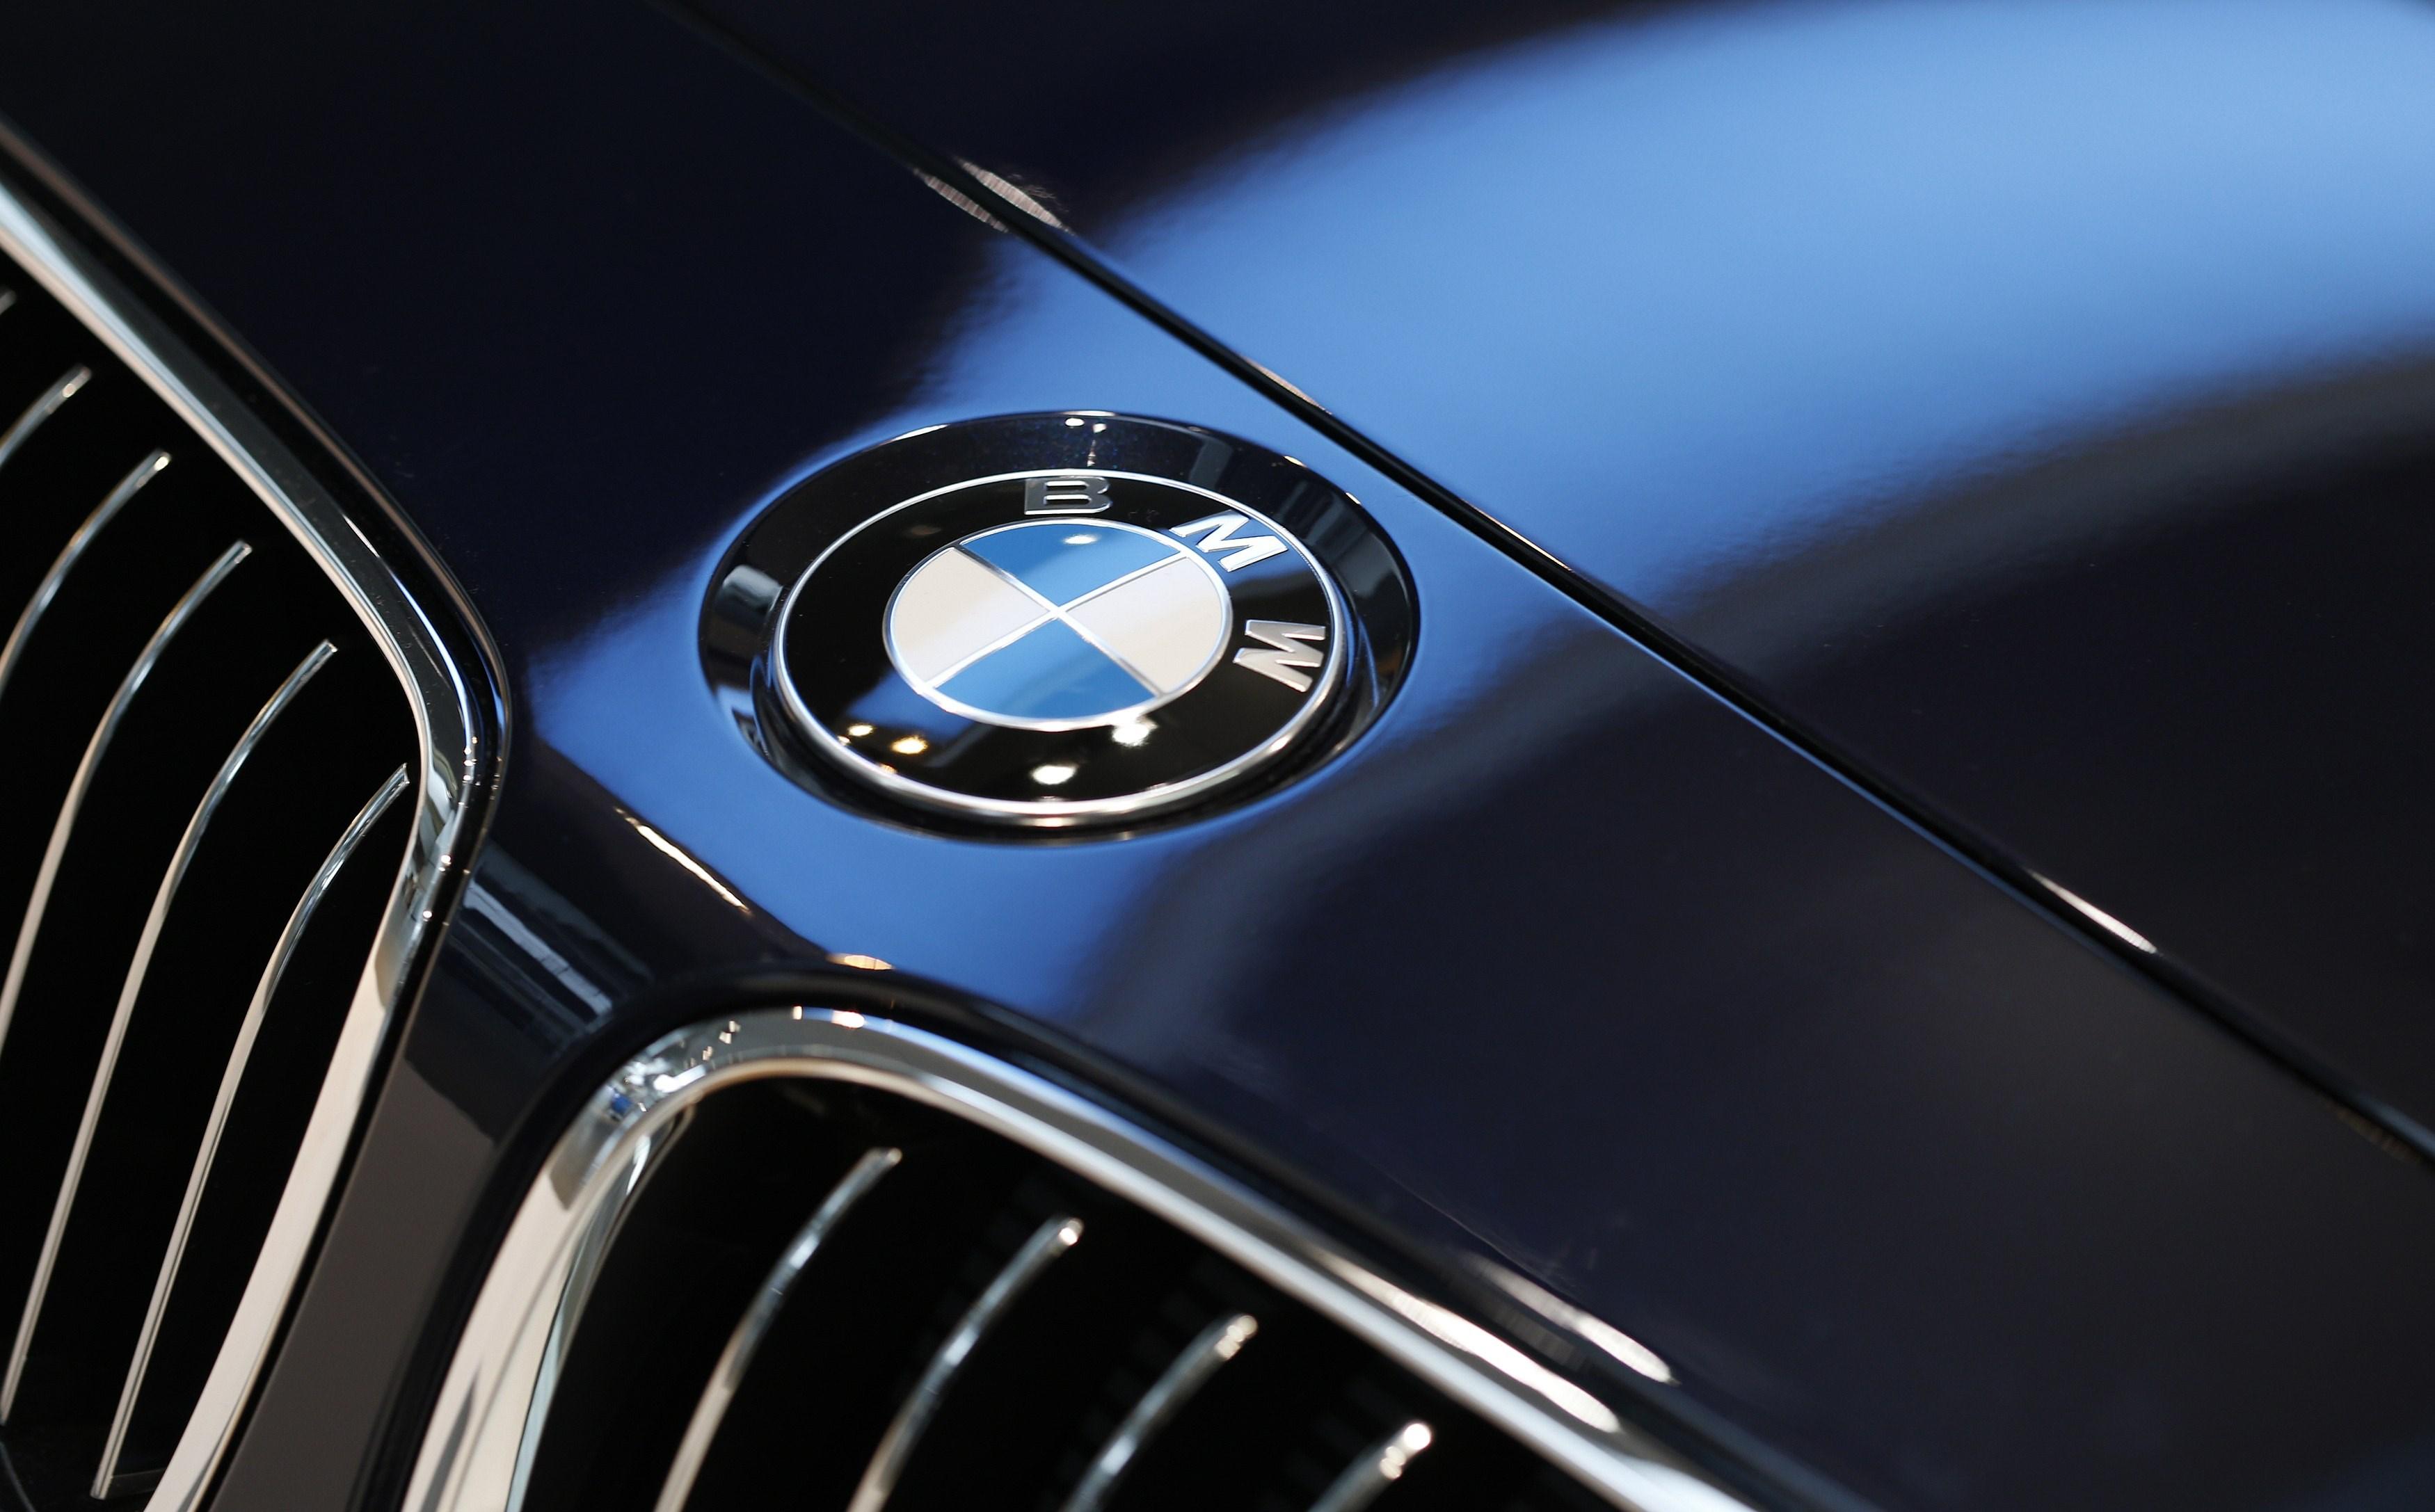 BMWのディーゼルエンジンから発火のおそれ 海外では対象モデルを発表